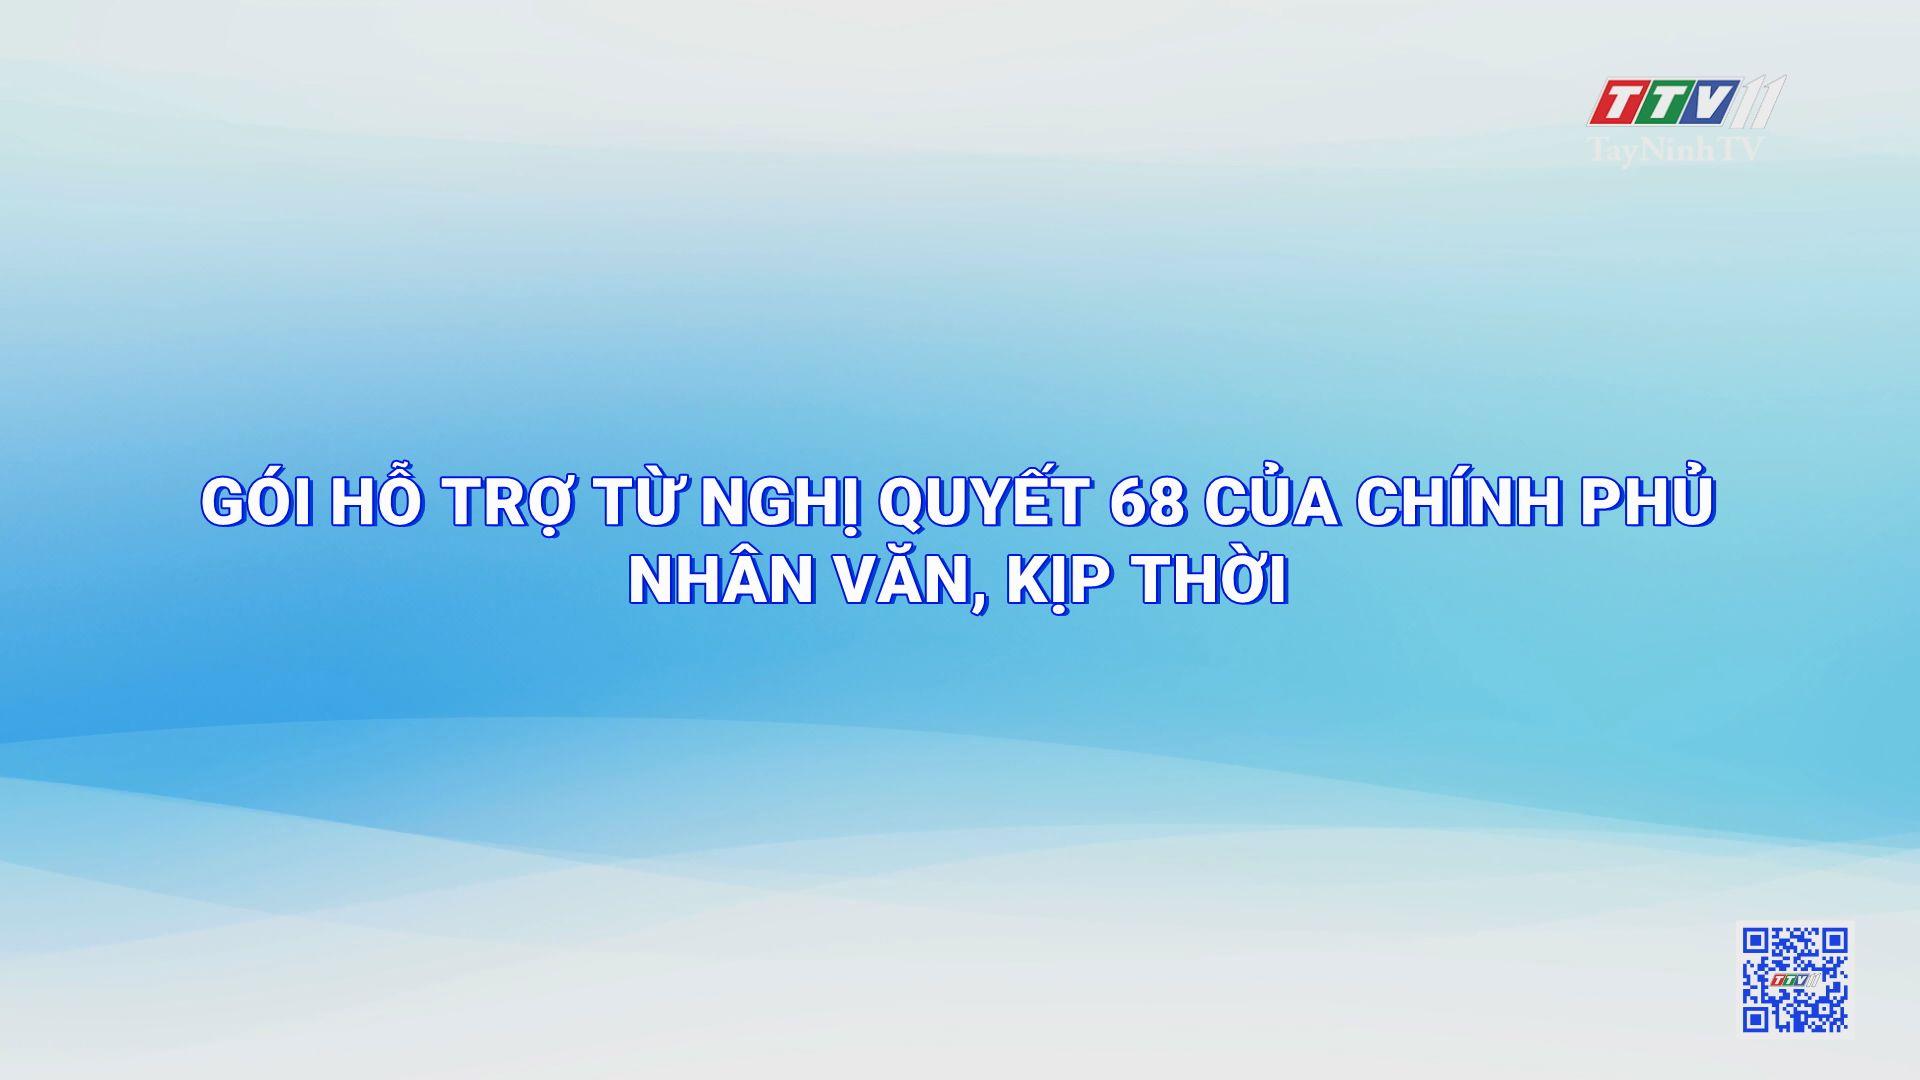 Gói hỗ trợ từ Nghị quyết 68 của Chính phủ nhân văn, kịp thời | TIẾNG NÓI CỬ TRI | TayNinhTV